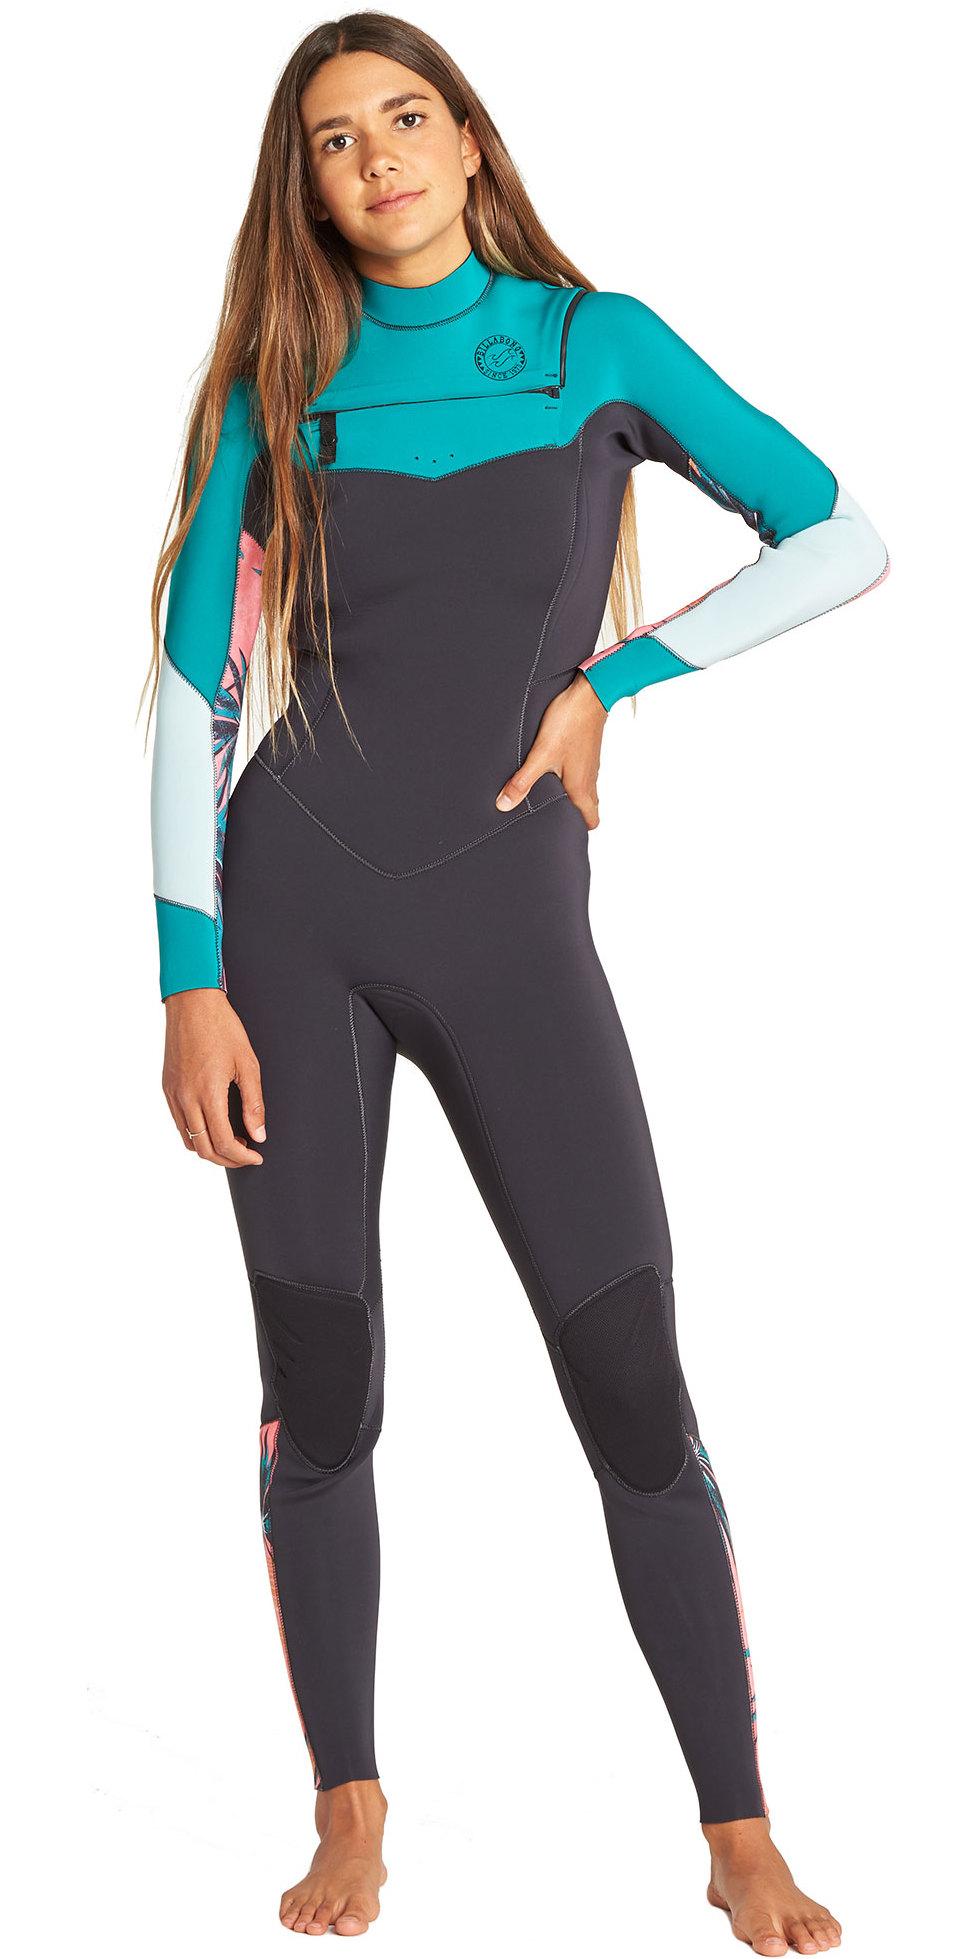 2019 Billabong Womens Salty Dayz 3 2mm Chest Zip Wetsuit Palm Green N43g30  - Womens - 3mm  738efea3d